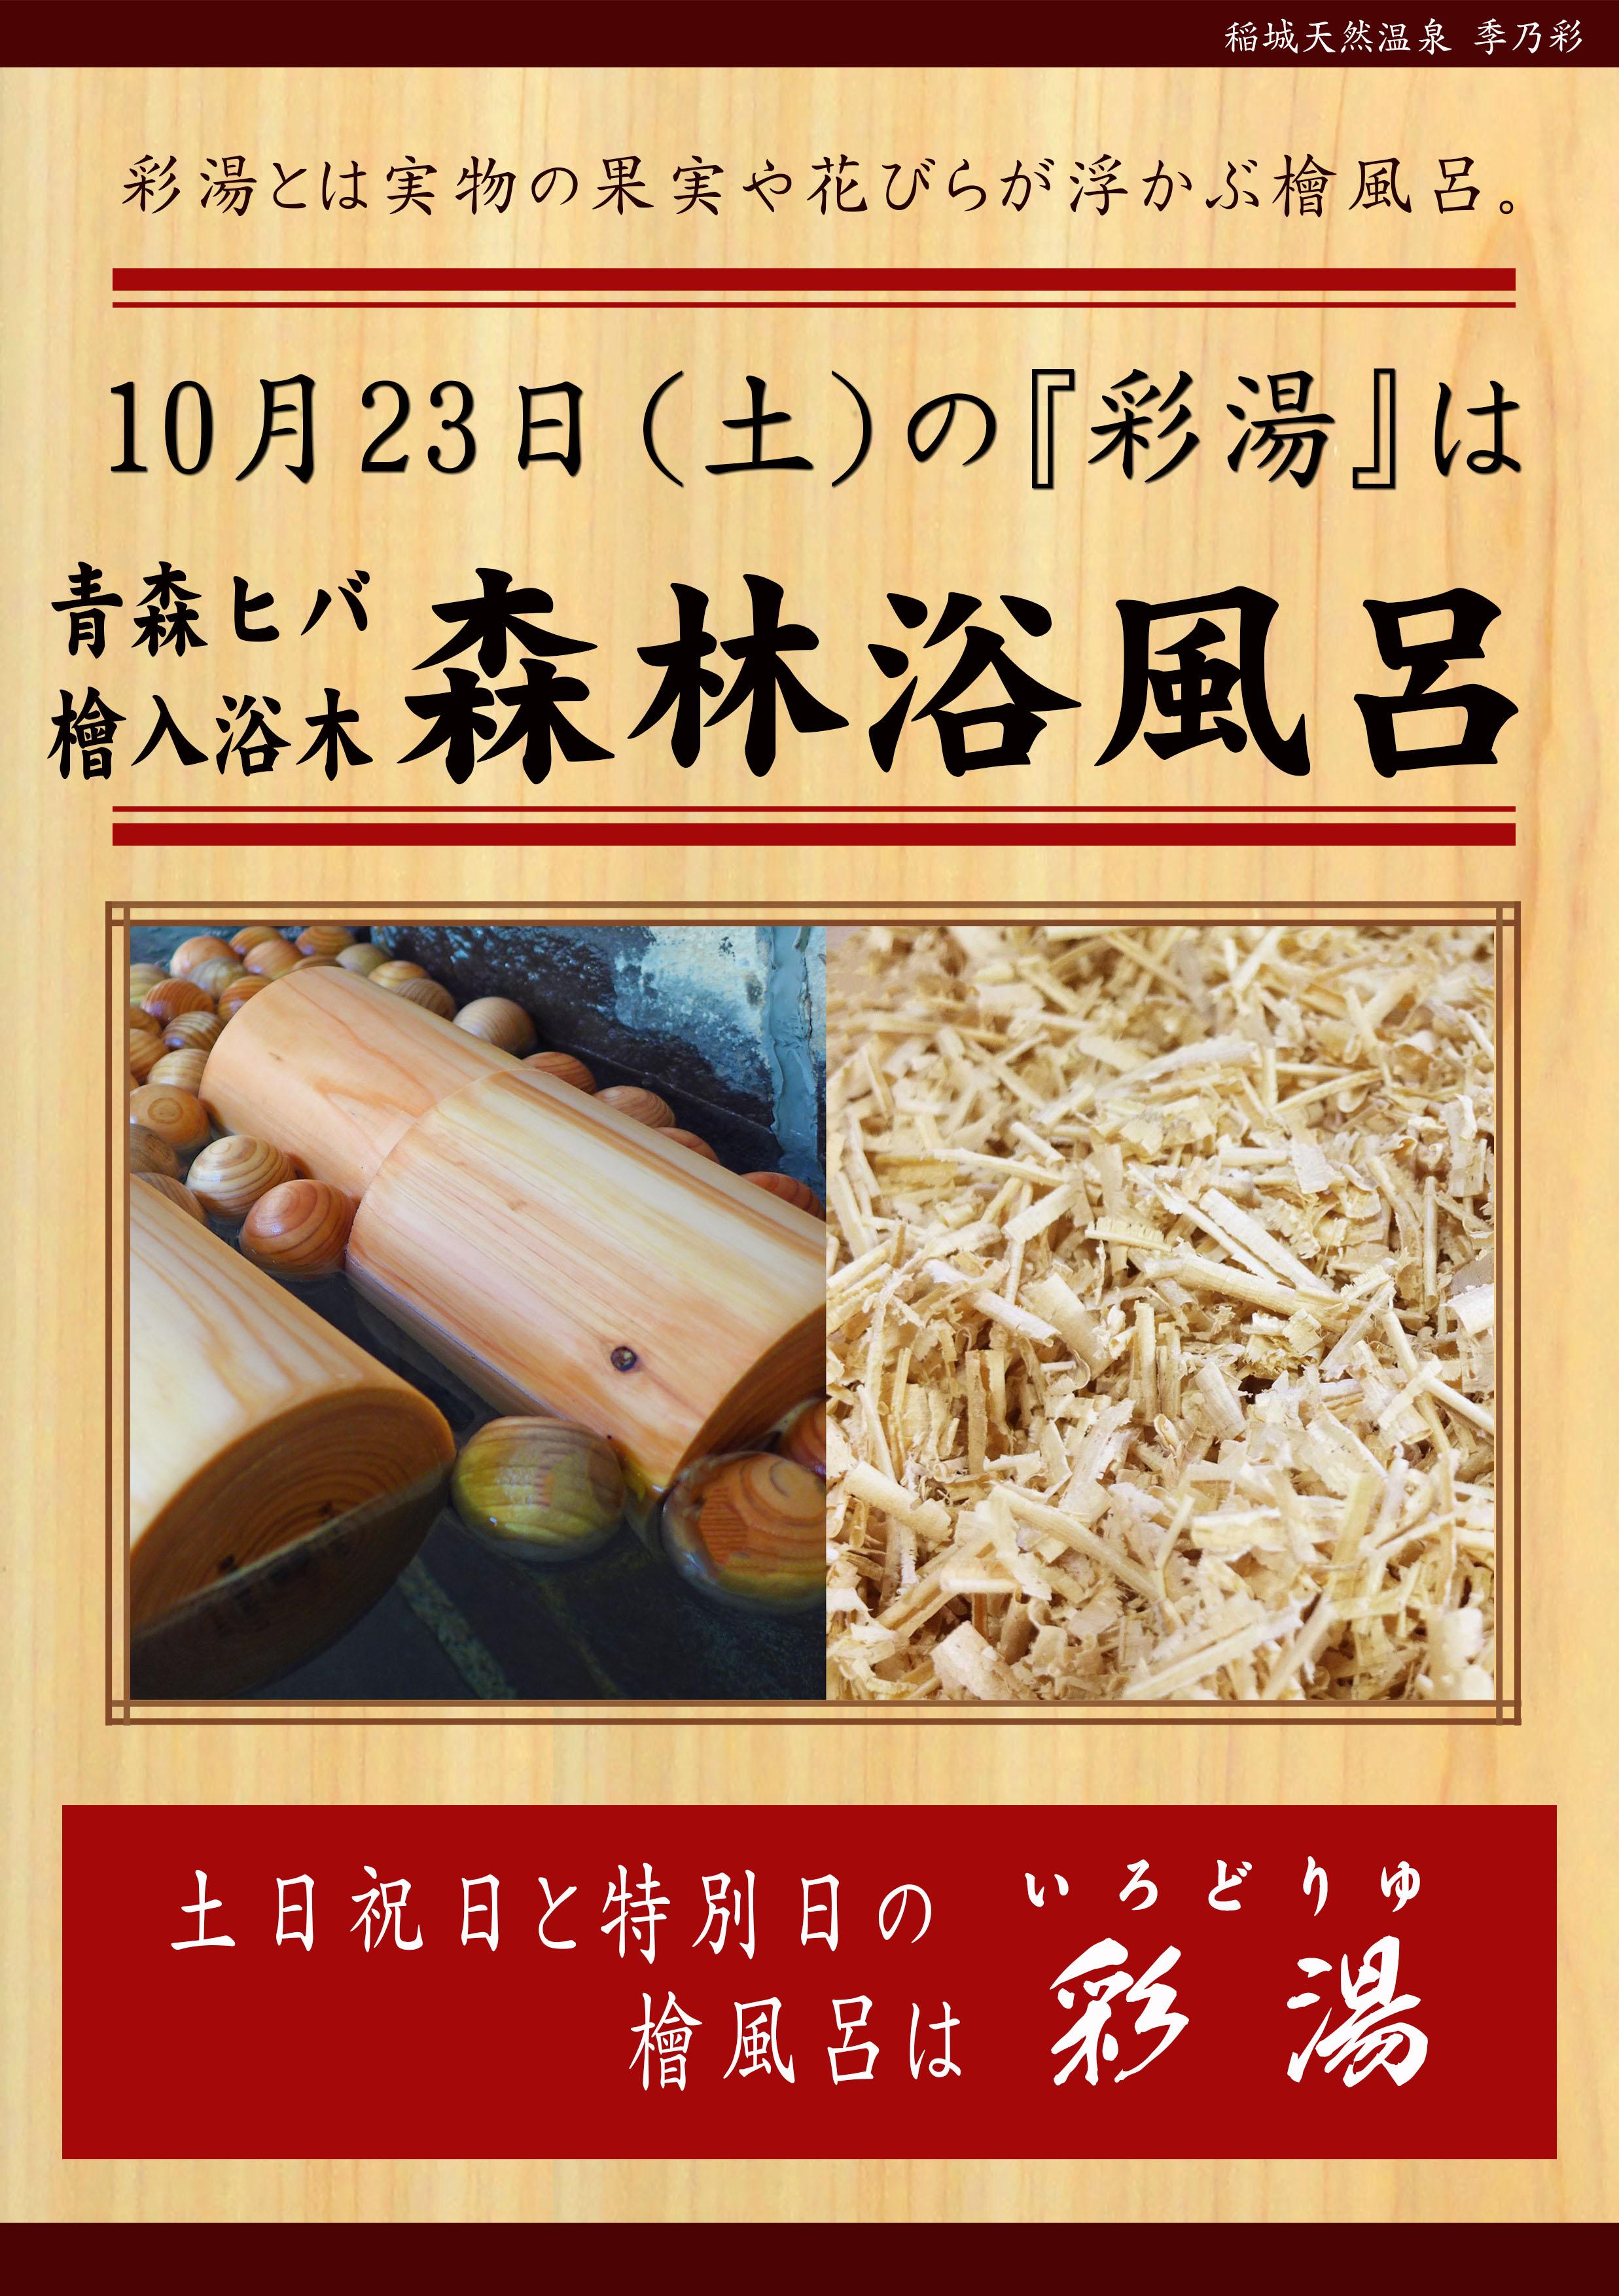 20211023 POP イベント 彩湯 森林浴